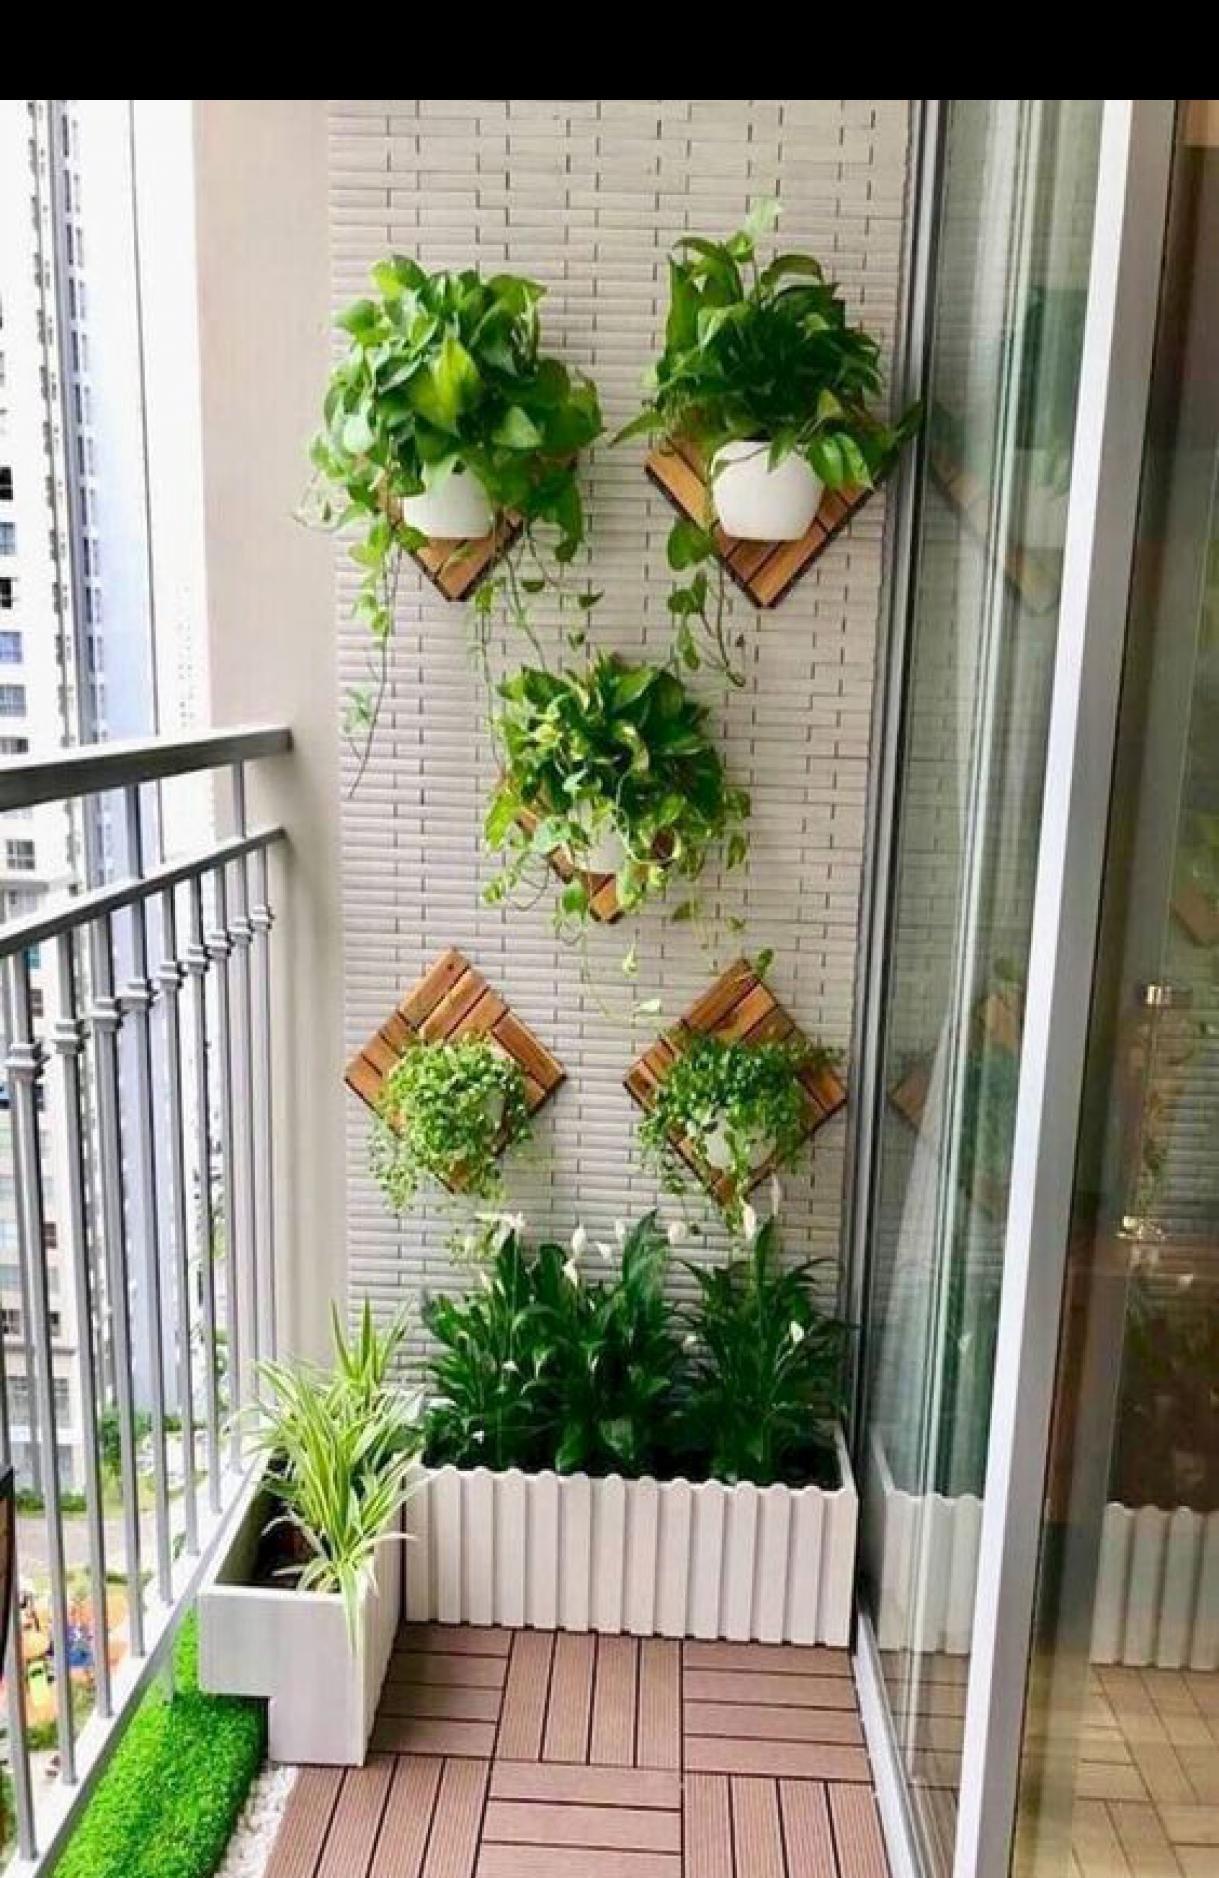 48 Fascinating Small Backyard Landscape Designs To Your Garden Small Balcony Garden House Plants Decor Apartment Balcony Garden